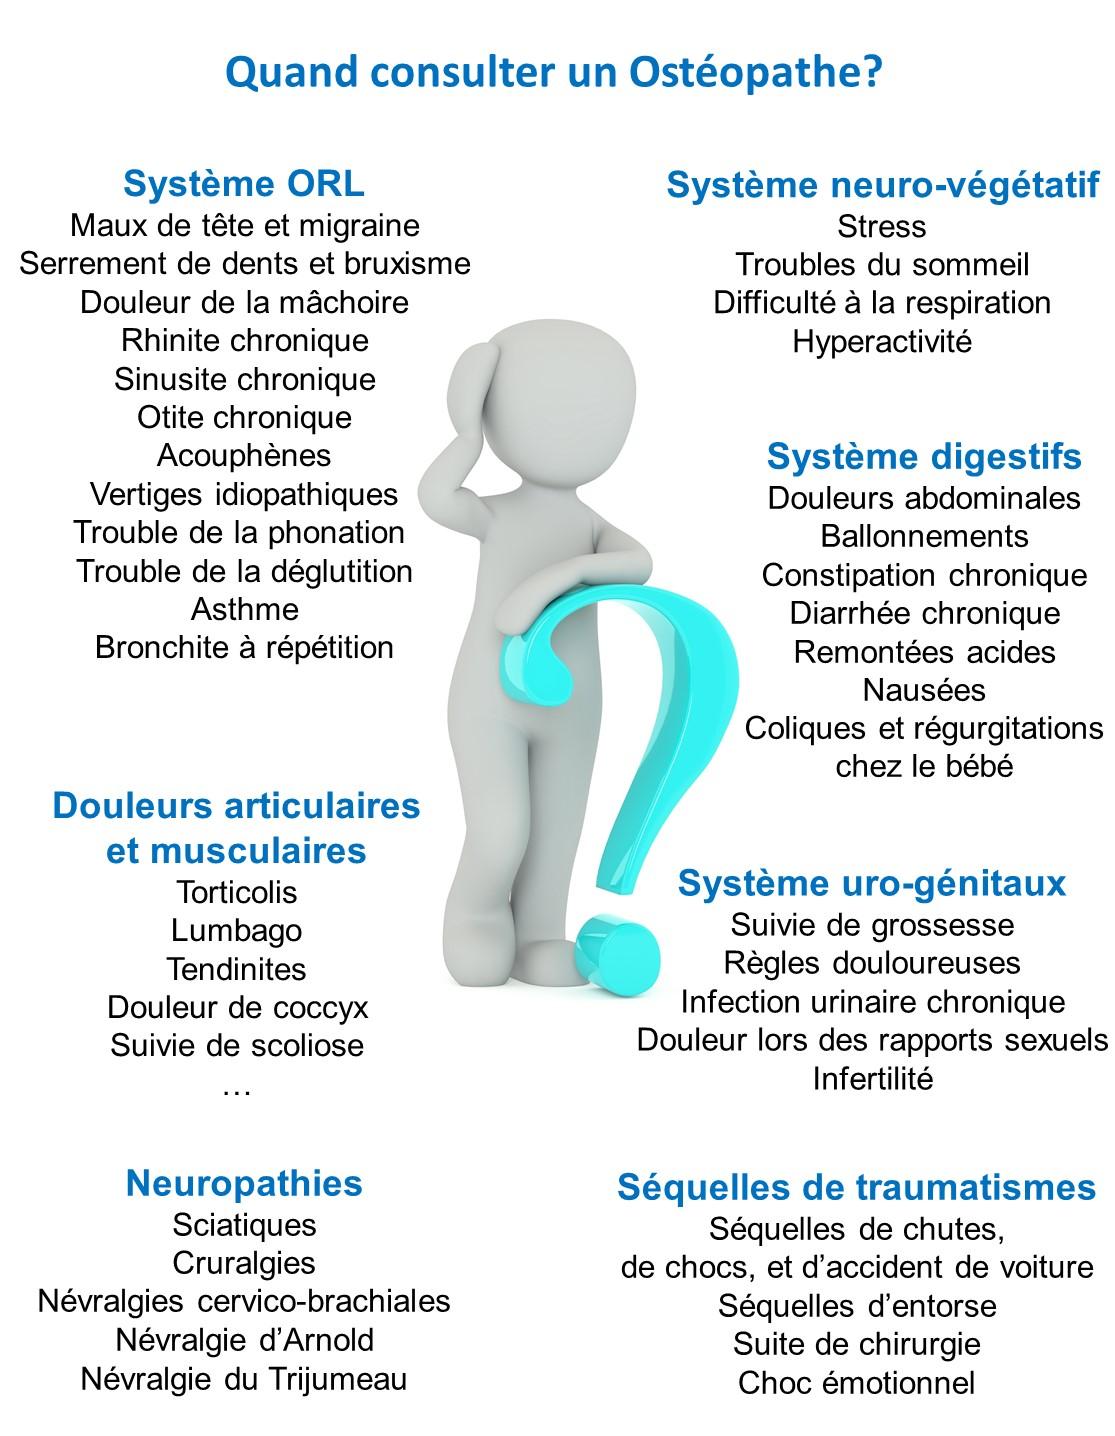 Ostéopathie : Quand consulter? - Marseille 13